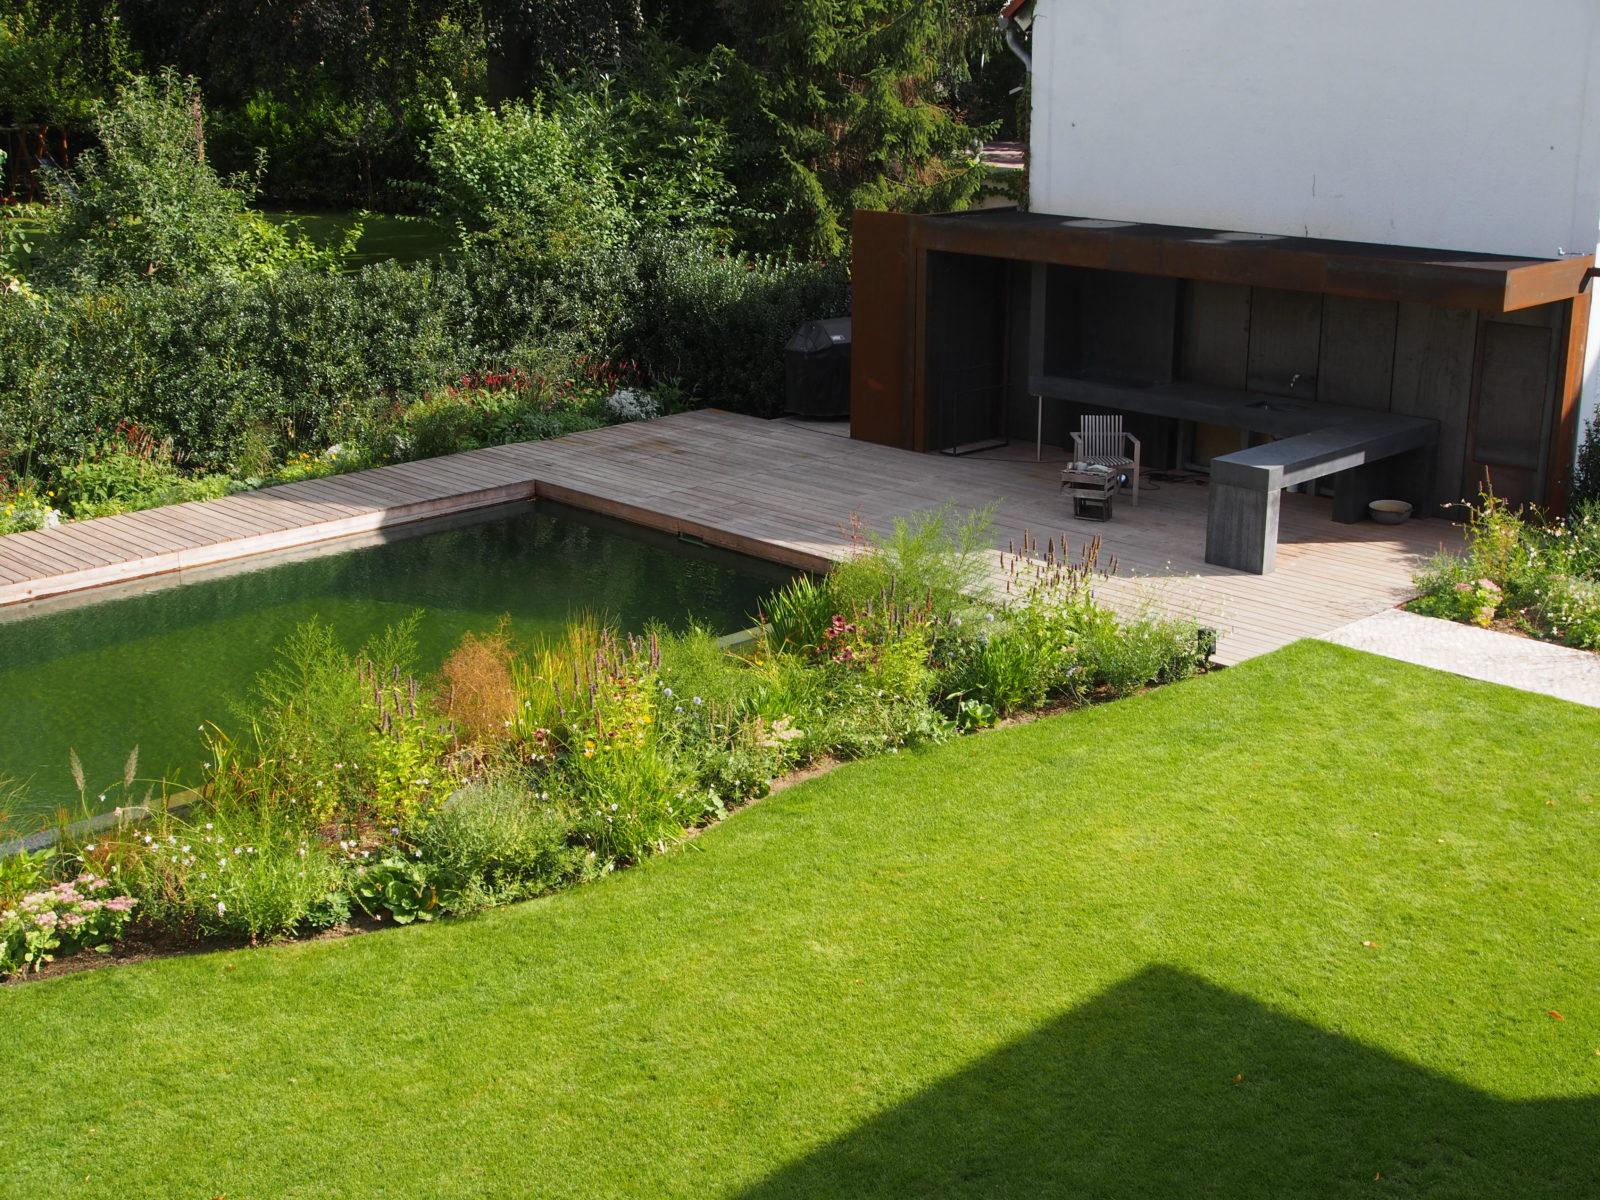 STrauma Landschaftsarchitektur Berlin landscape architects Hausgarten Grunewald mit Holzterrasse